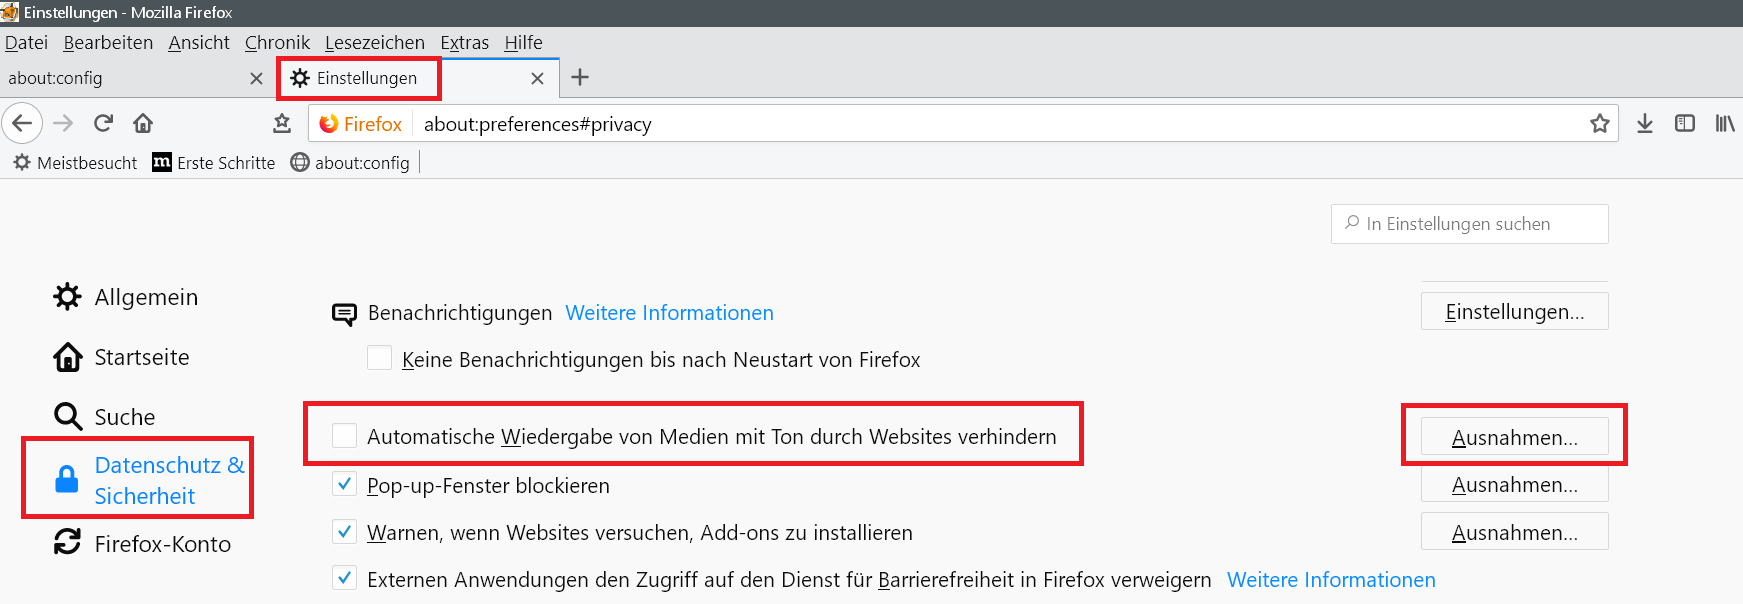 neuer eintrag - Autoplay verhindern auf Webseiten im Firefox